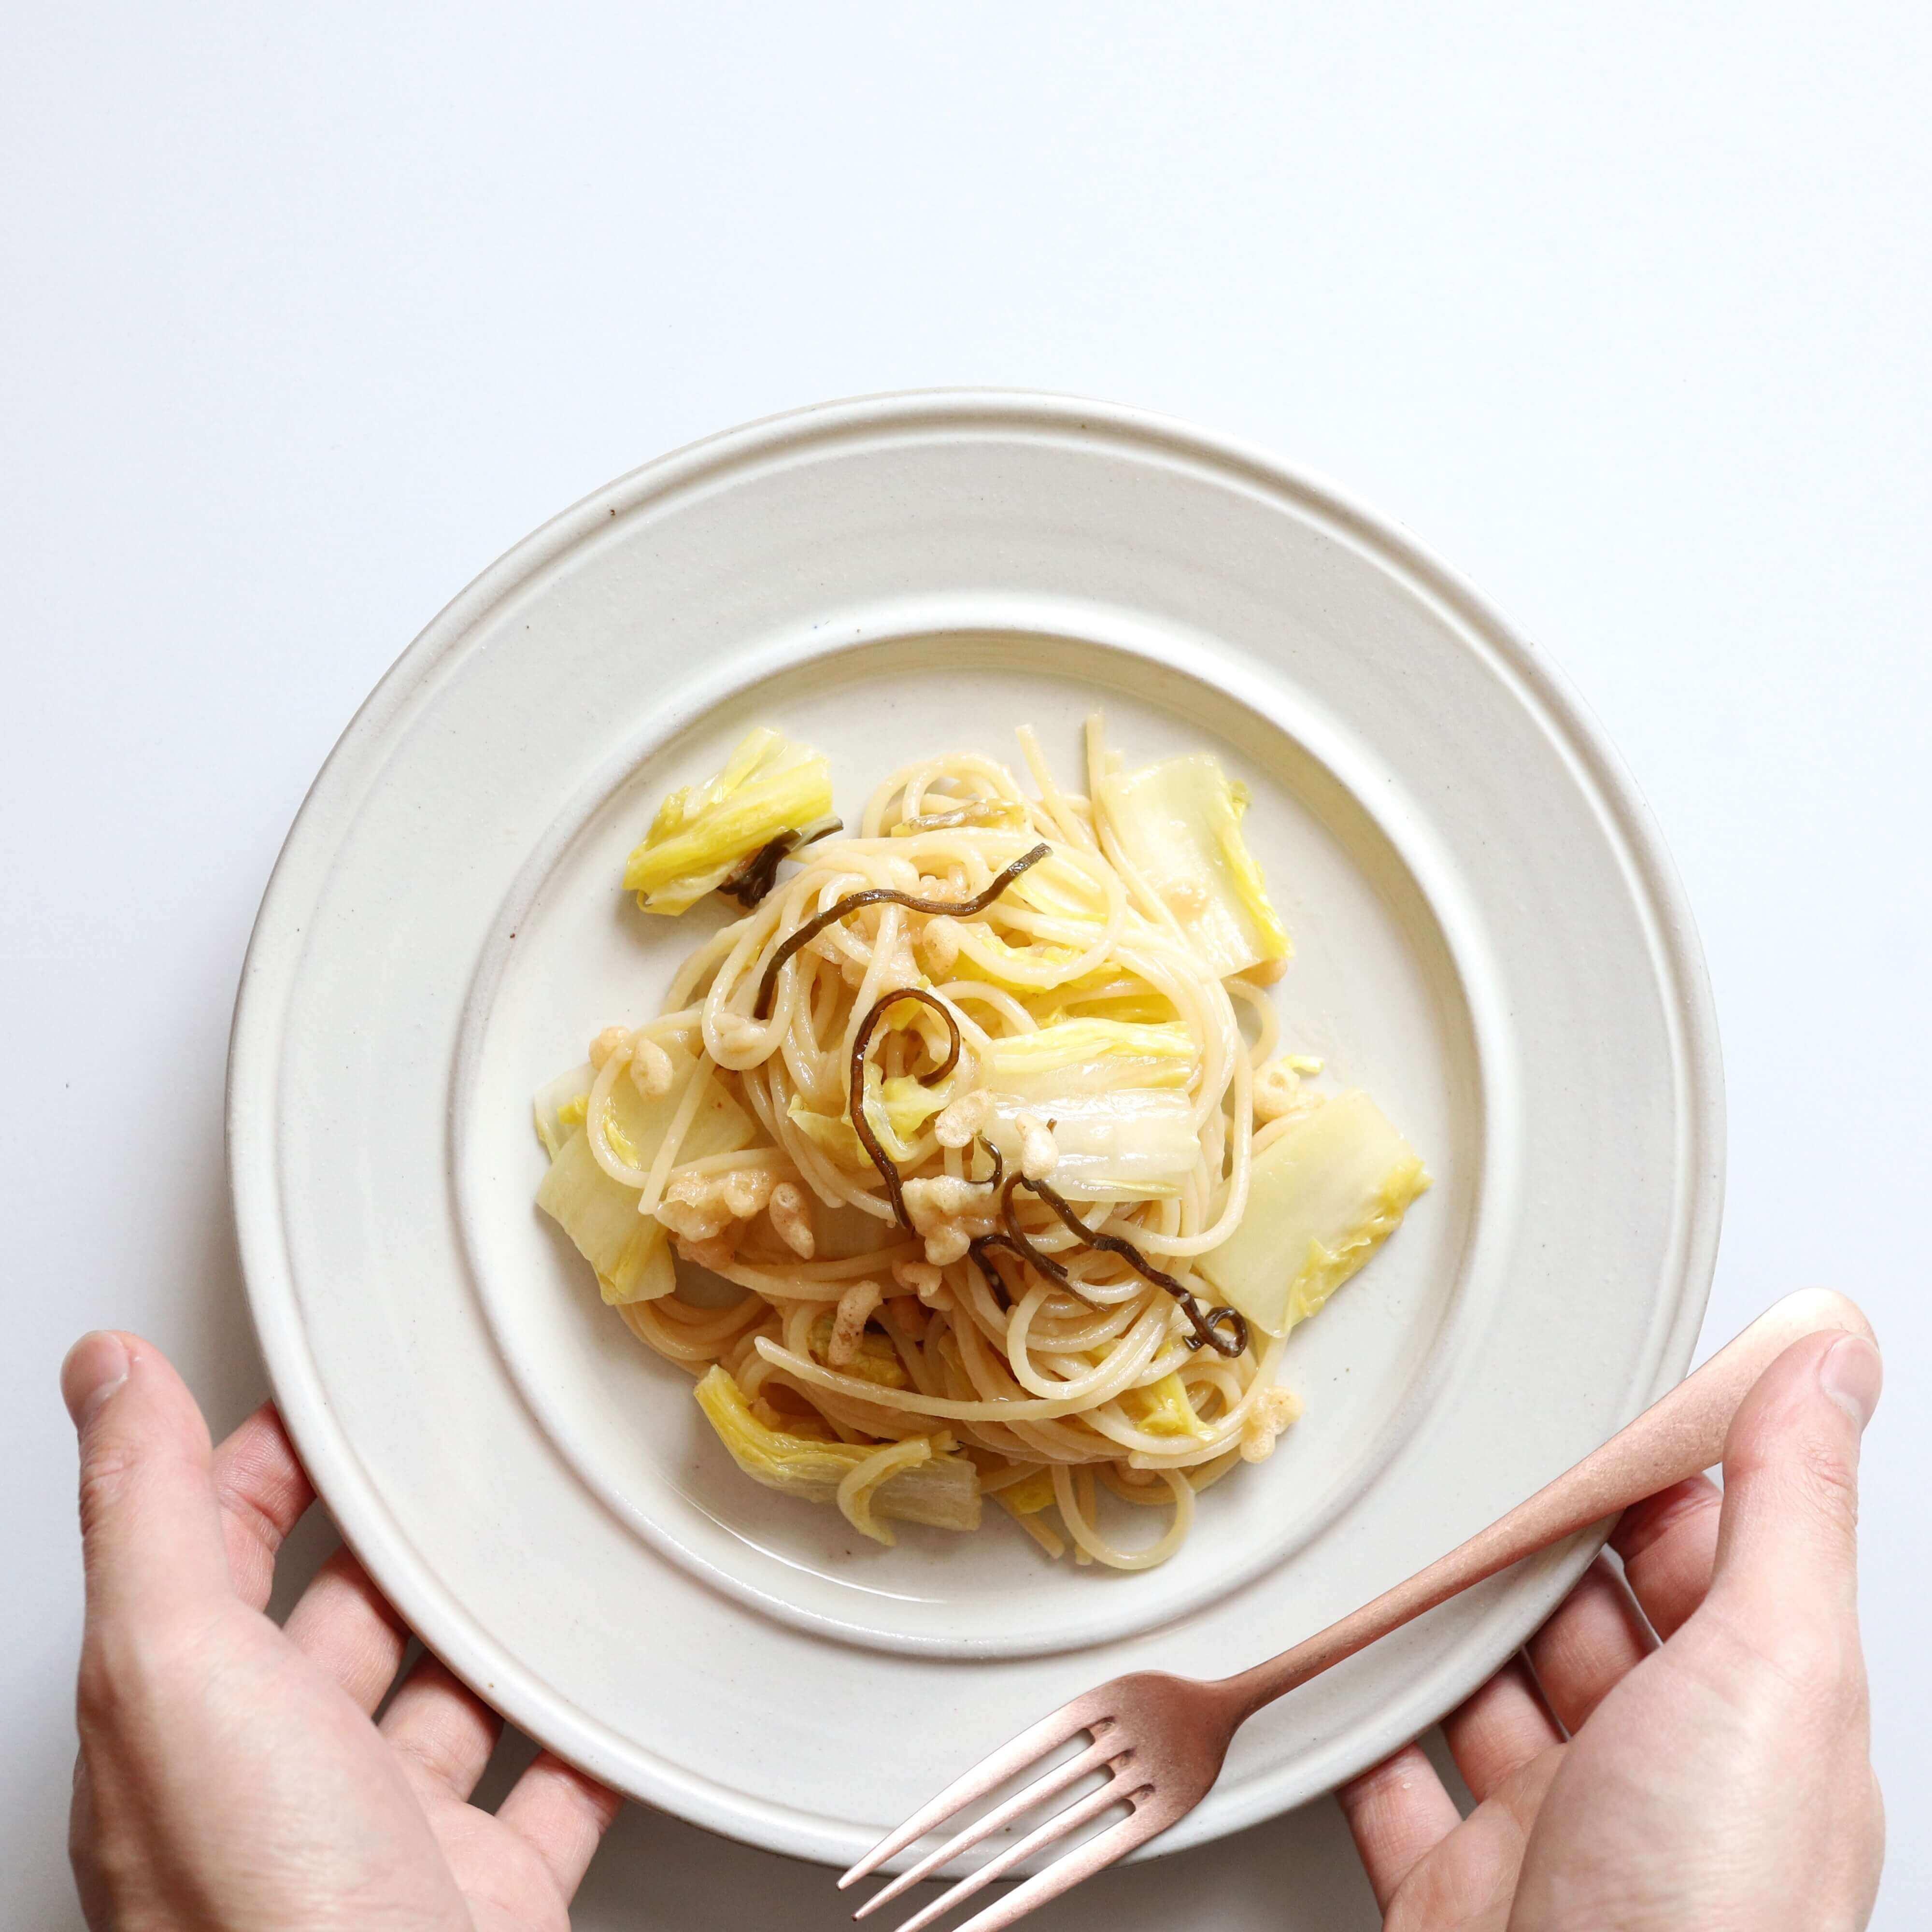 【簡単に美味しい】白菜と塩昆布の和風パスタのレシピ